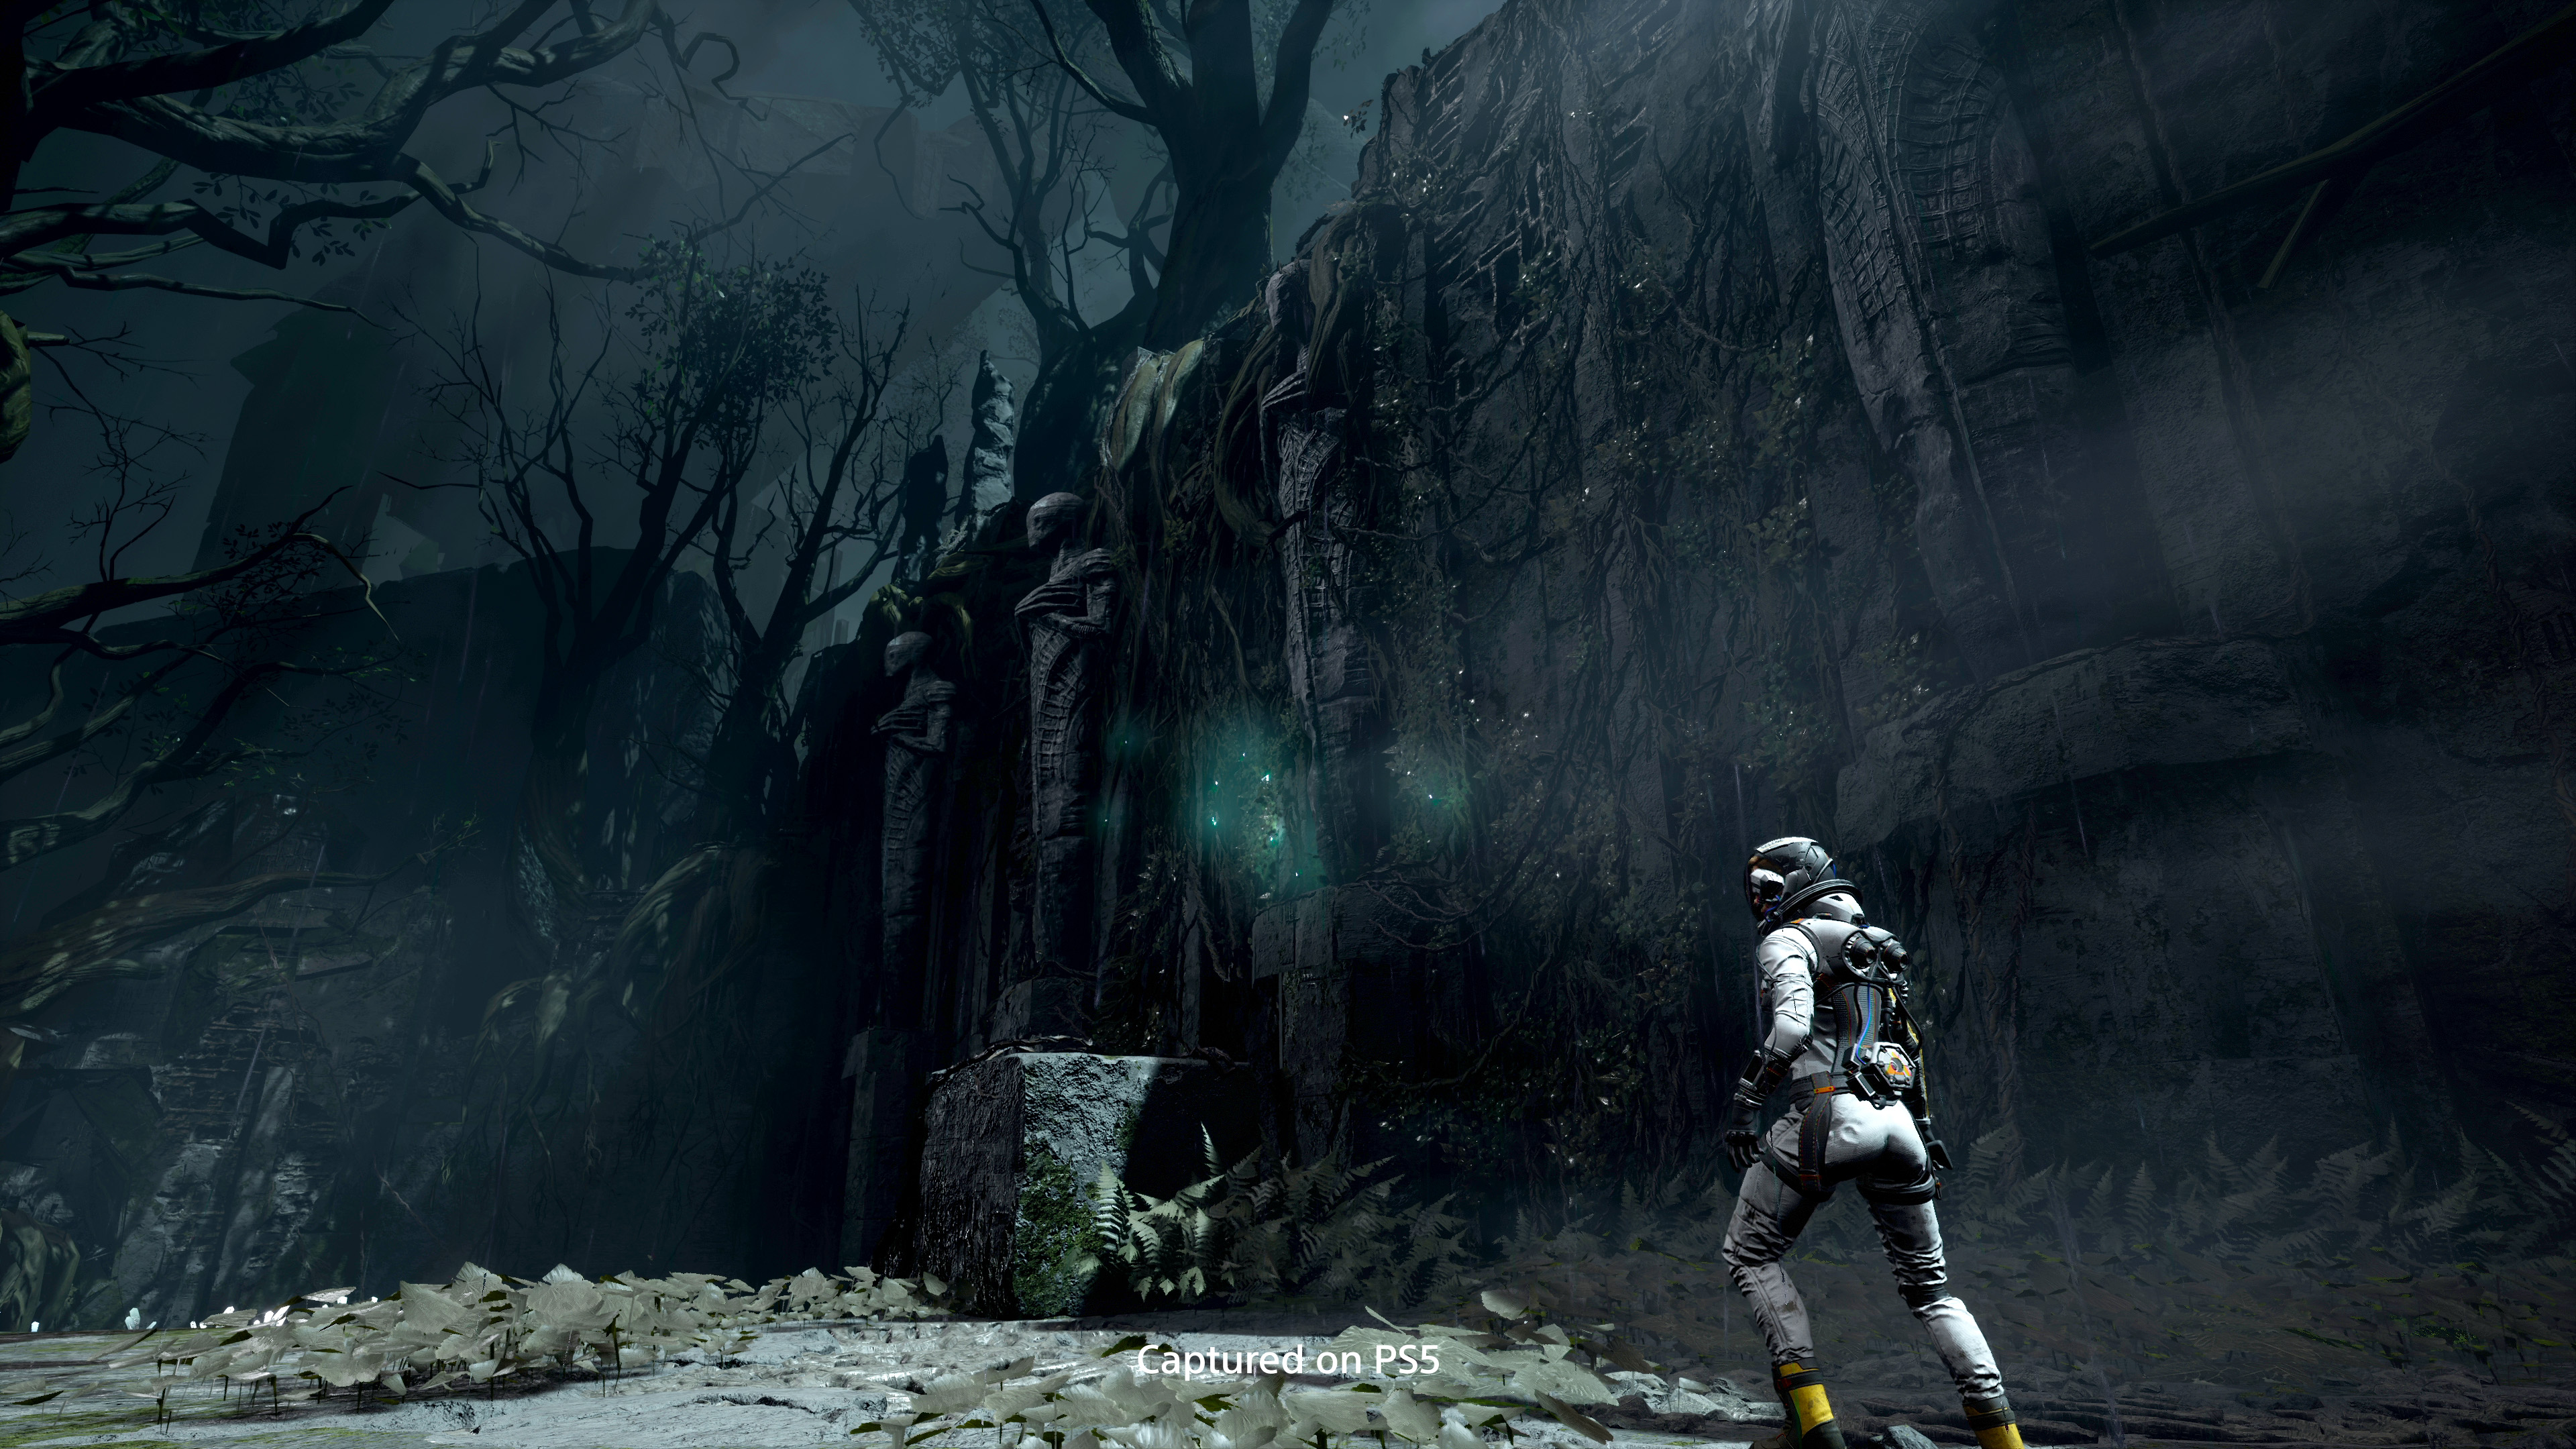 El nuevo tráiler de Returnal revela más sobre la historia de la exclusiva  de PS5 – EzAnime.net